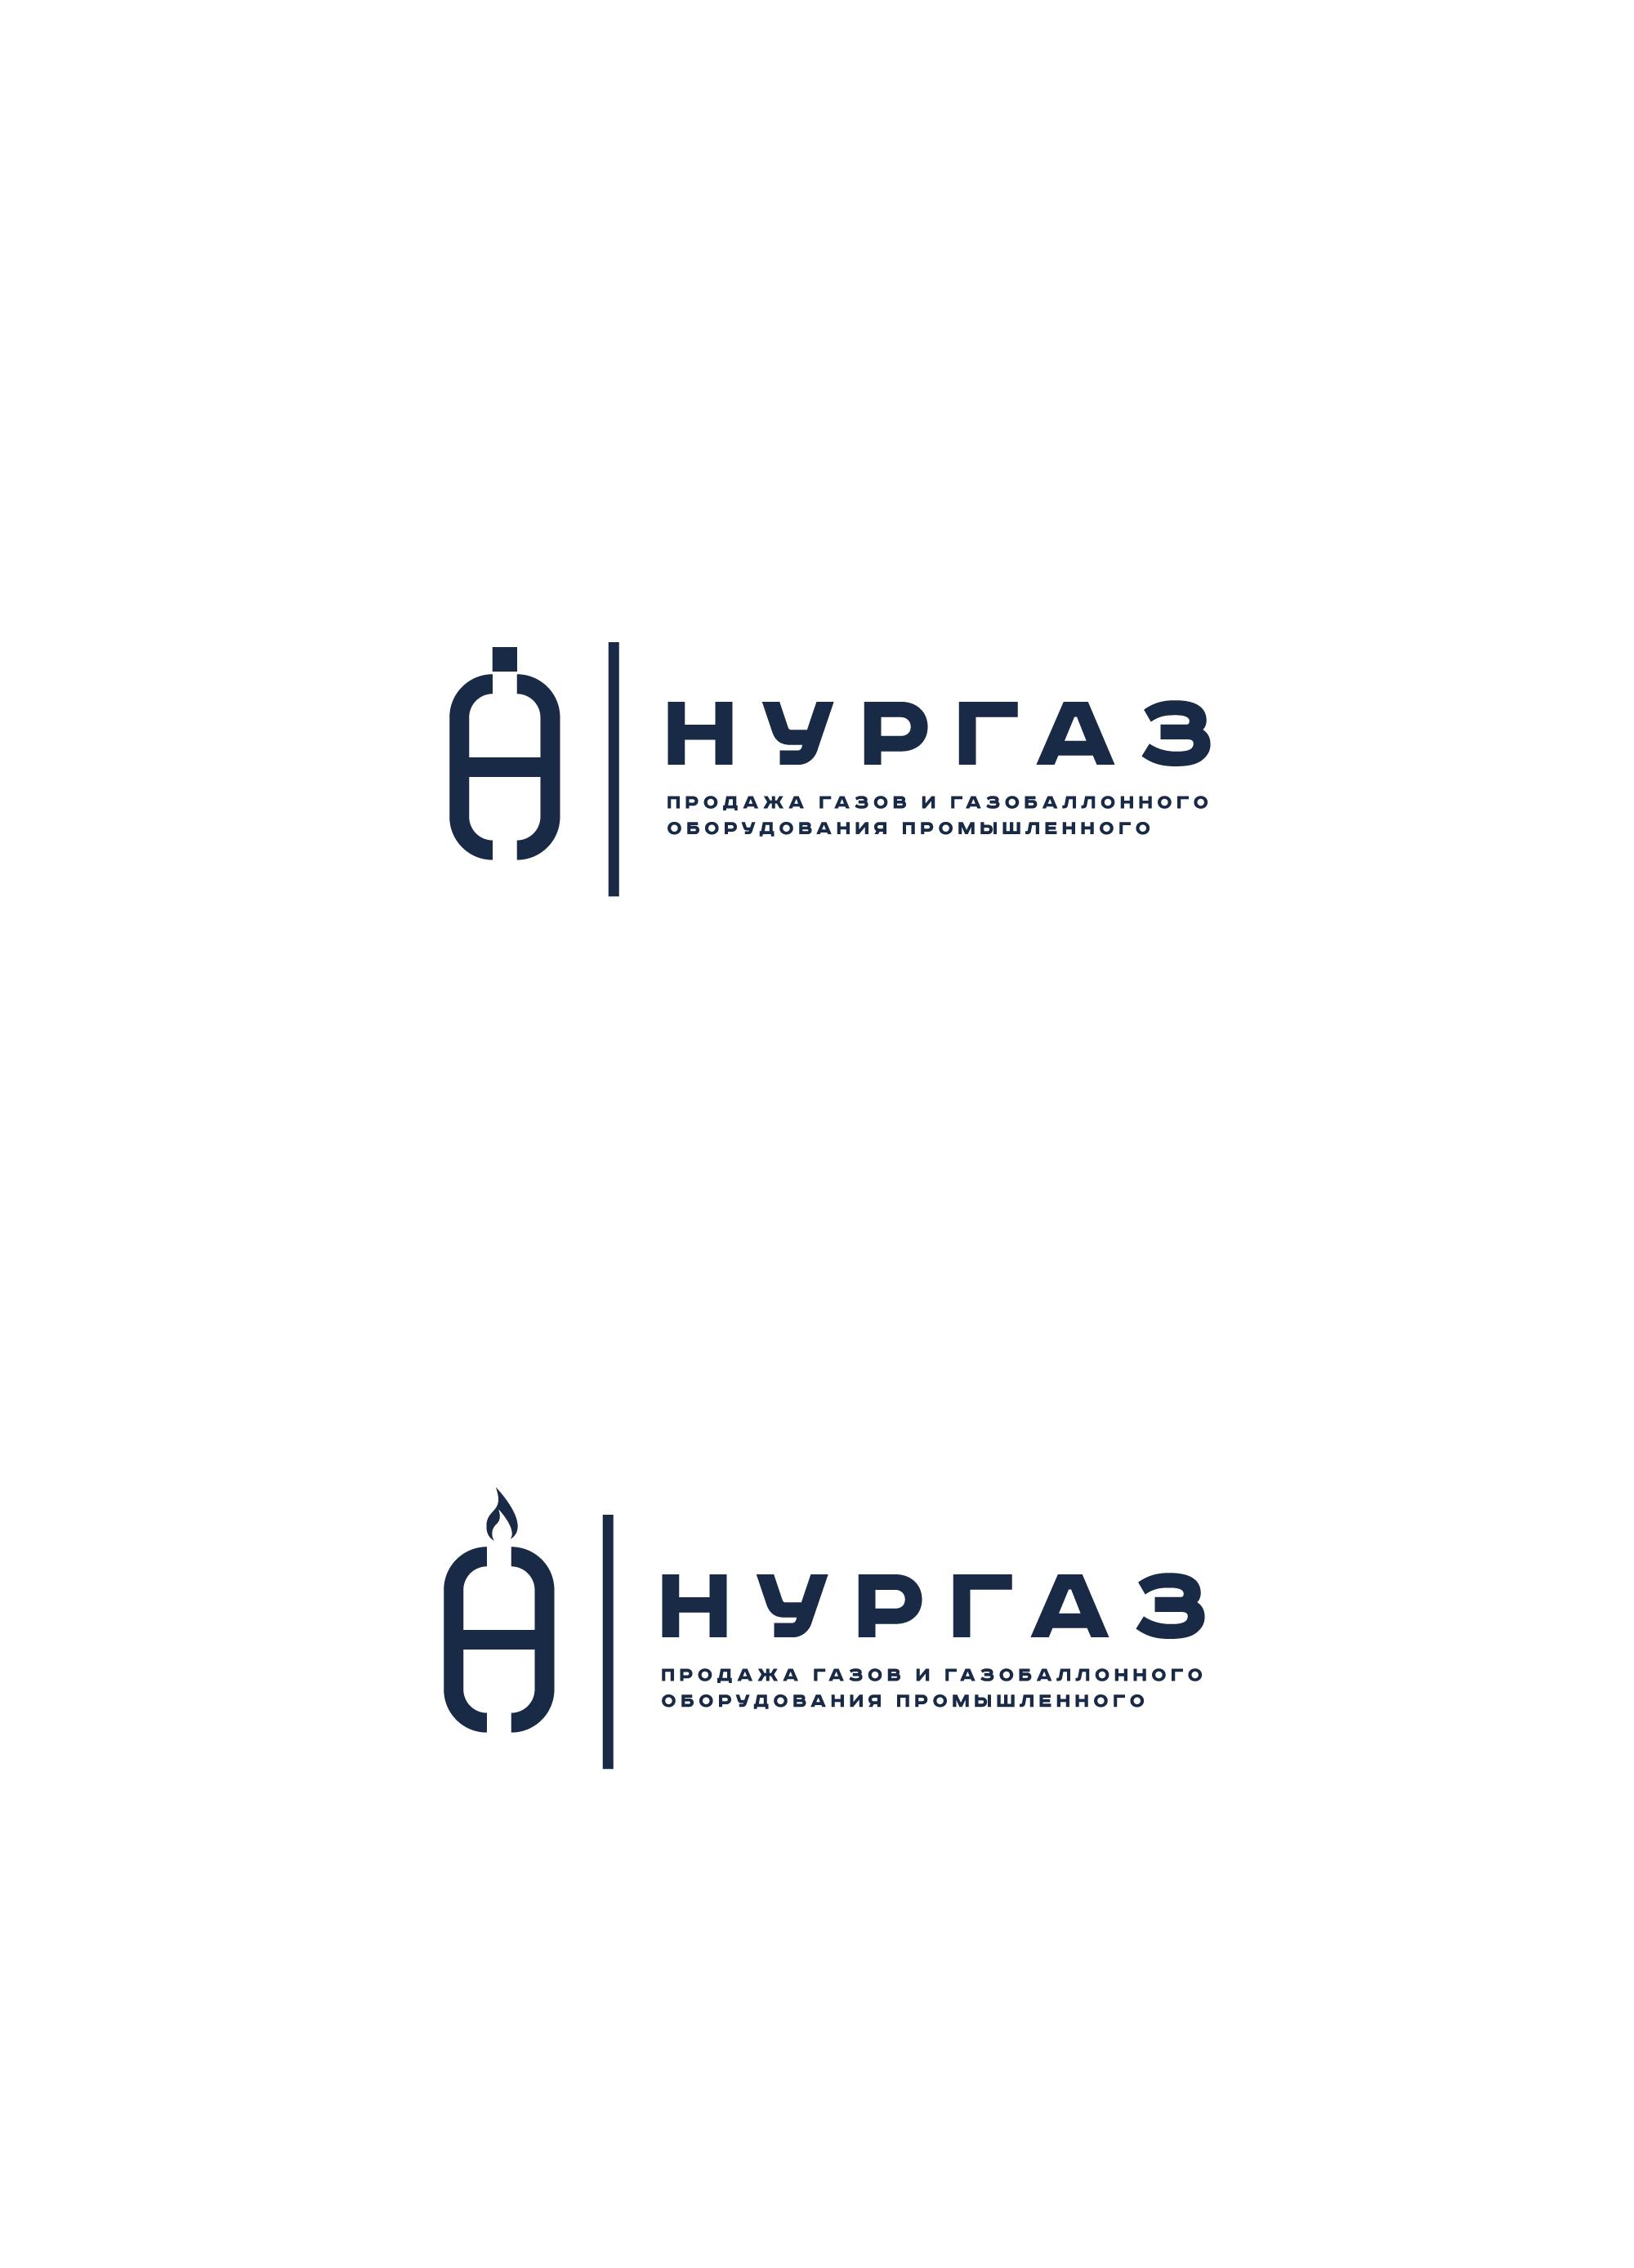 Разработка логотипа и фирменного стиля фото f_8795d9b141551121.jpg